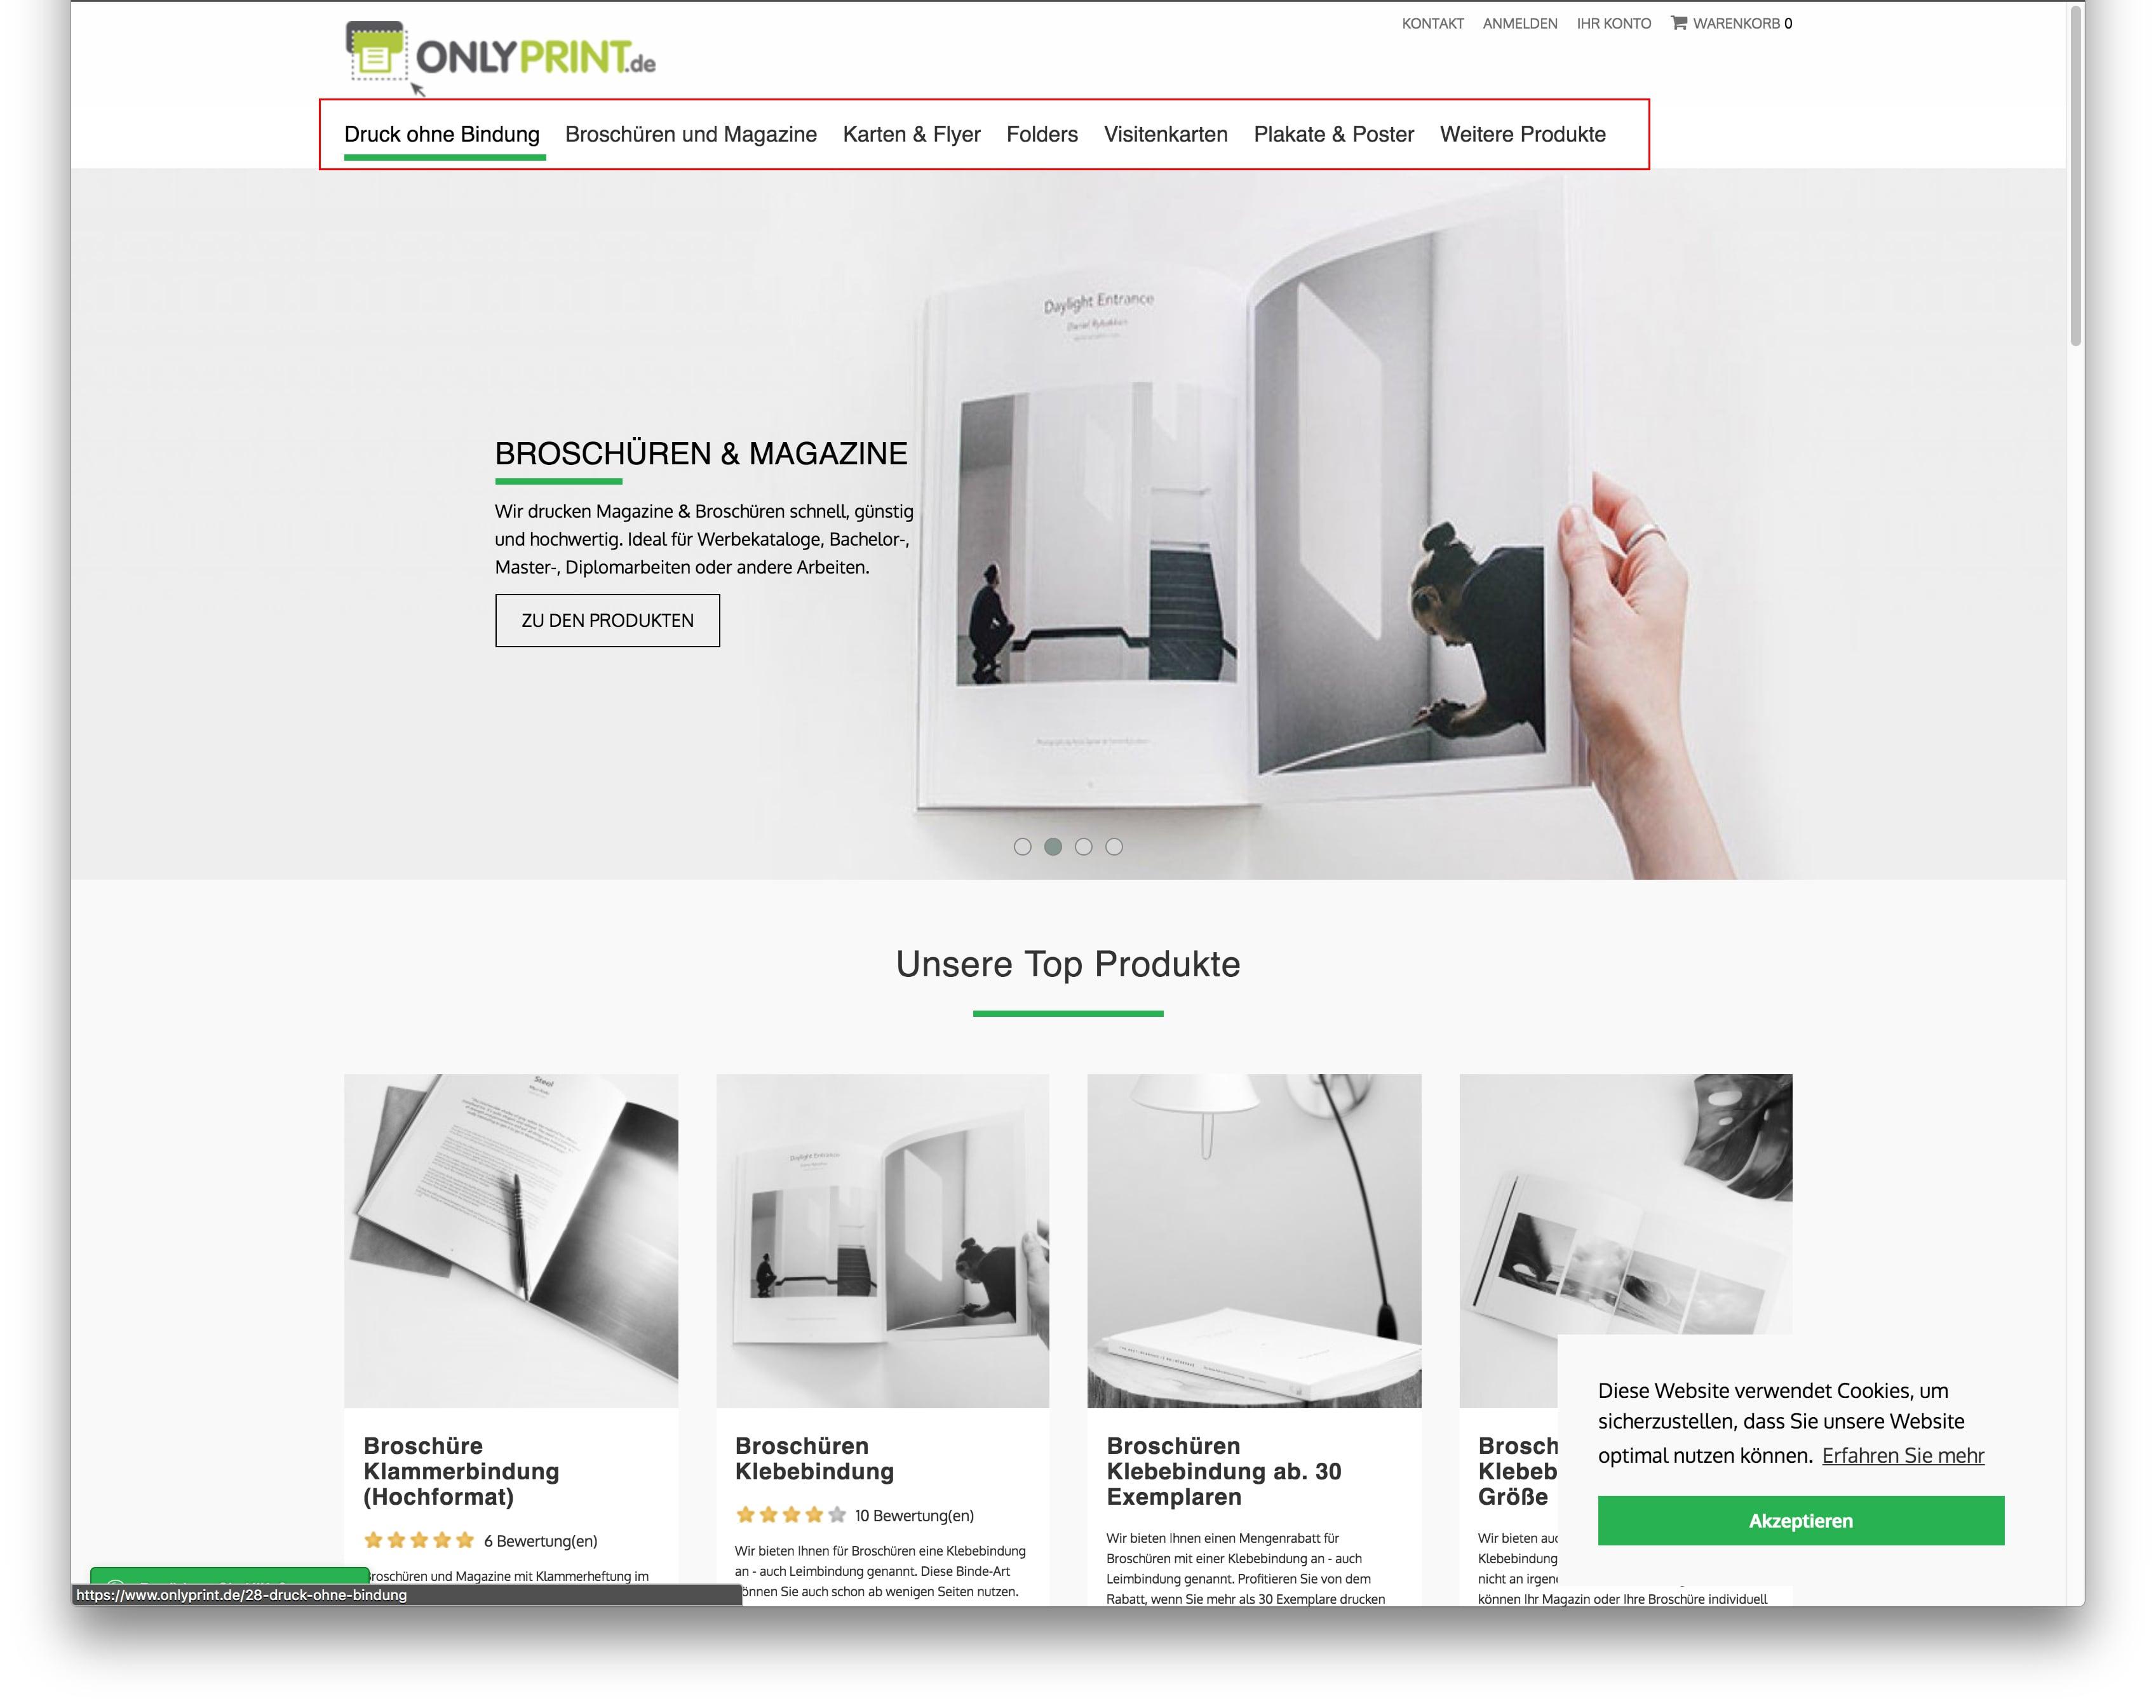 Onlyprint.de Startseite - Markierung zeigt Produktkategorien im Menü